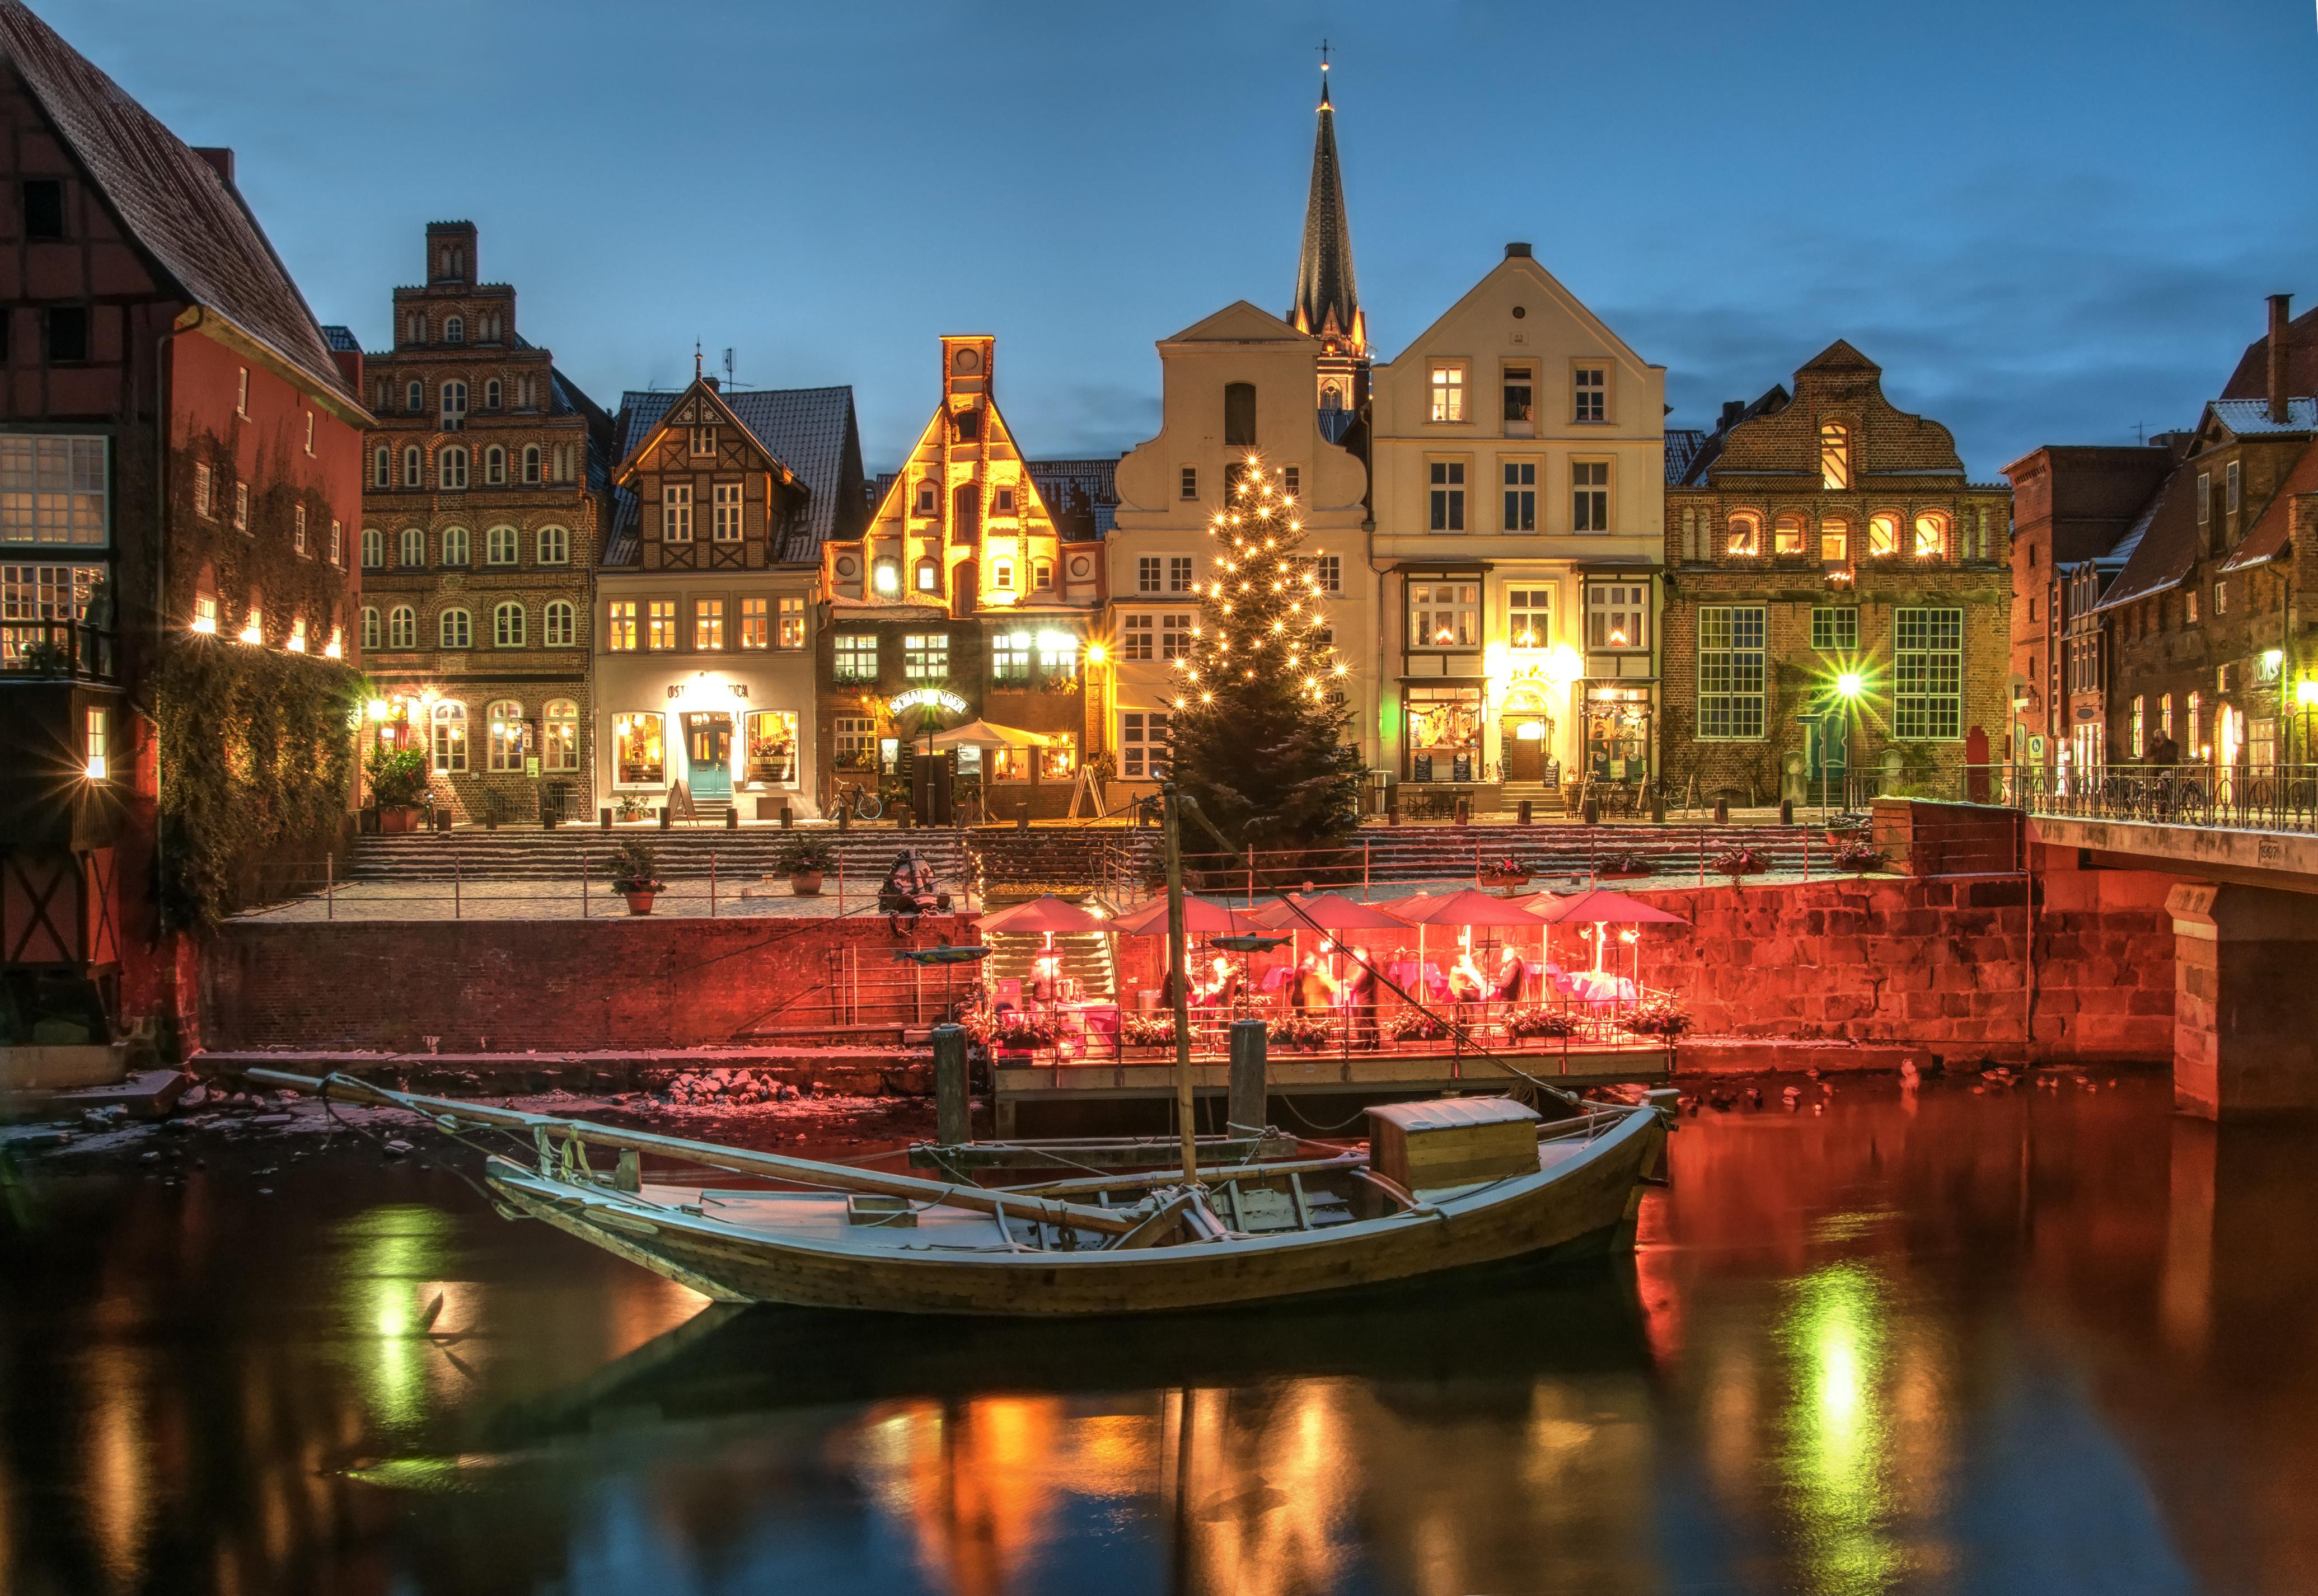 Weihnachtsmarkt Salzwedel.Kaufhaus Lüneburg Weihnachtsmarkt Am Alten Kran